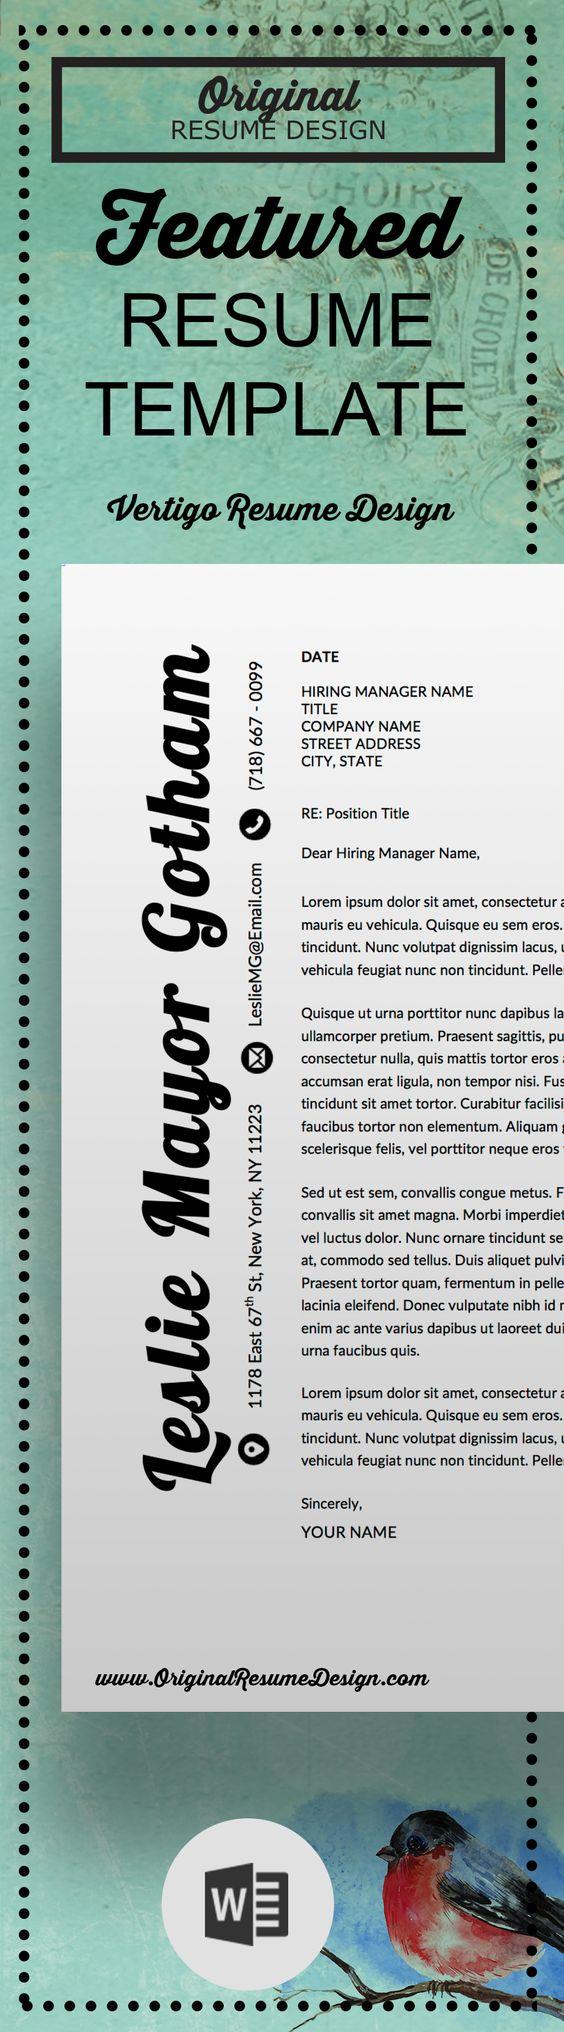 originalresumedesign com vertigo resume template features a originalresumedesign com vertigo resume template features a classy vertical header your